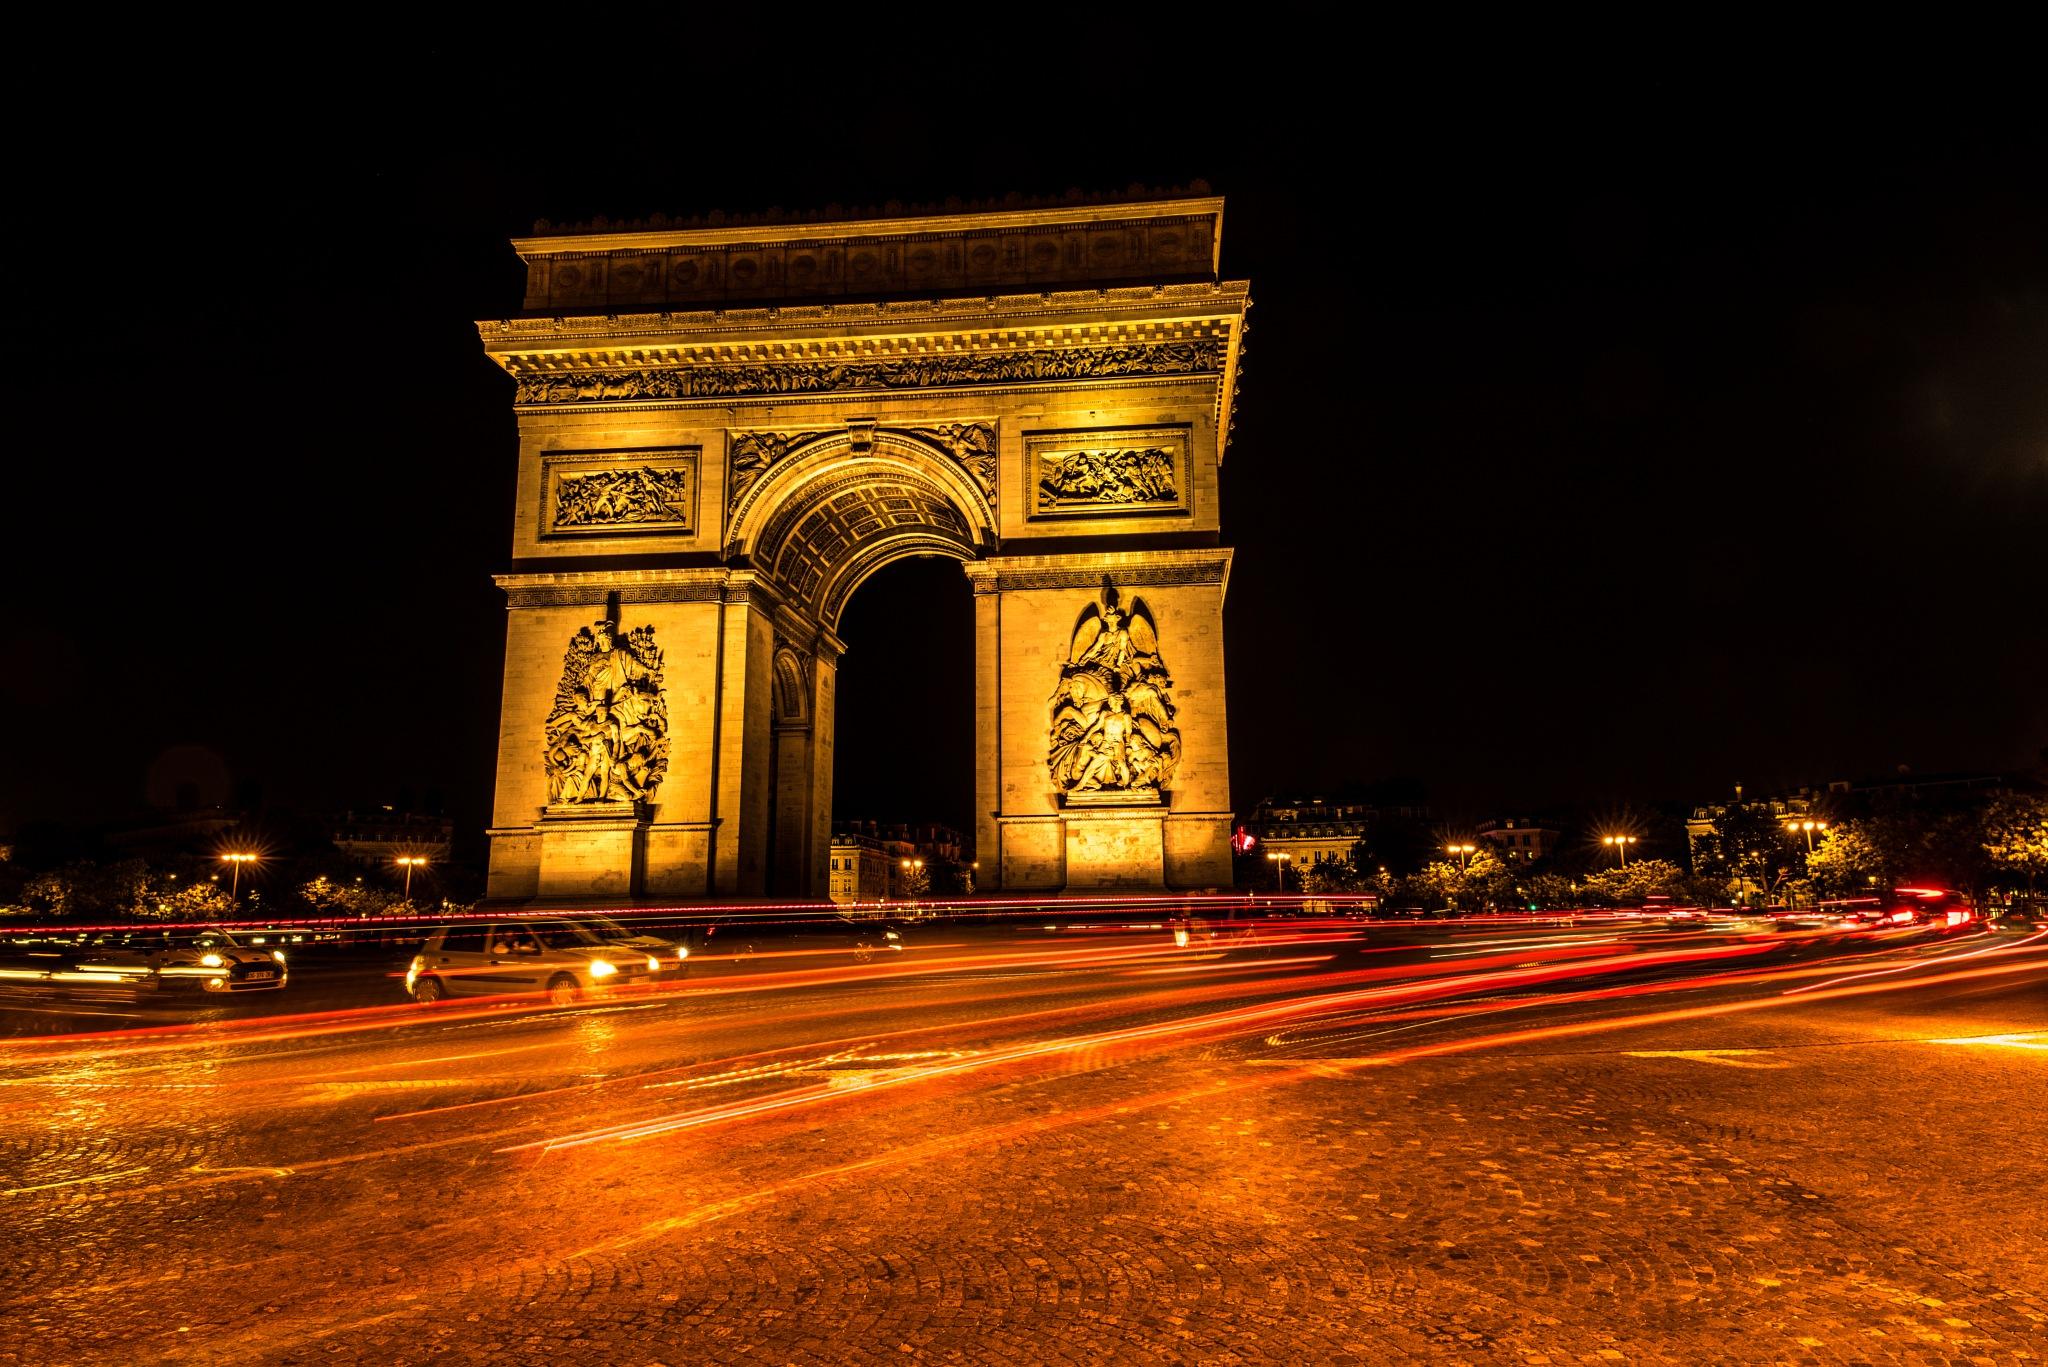 Paris at night by Anders Jorulf